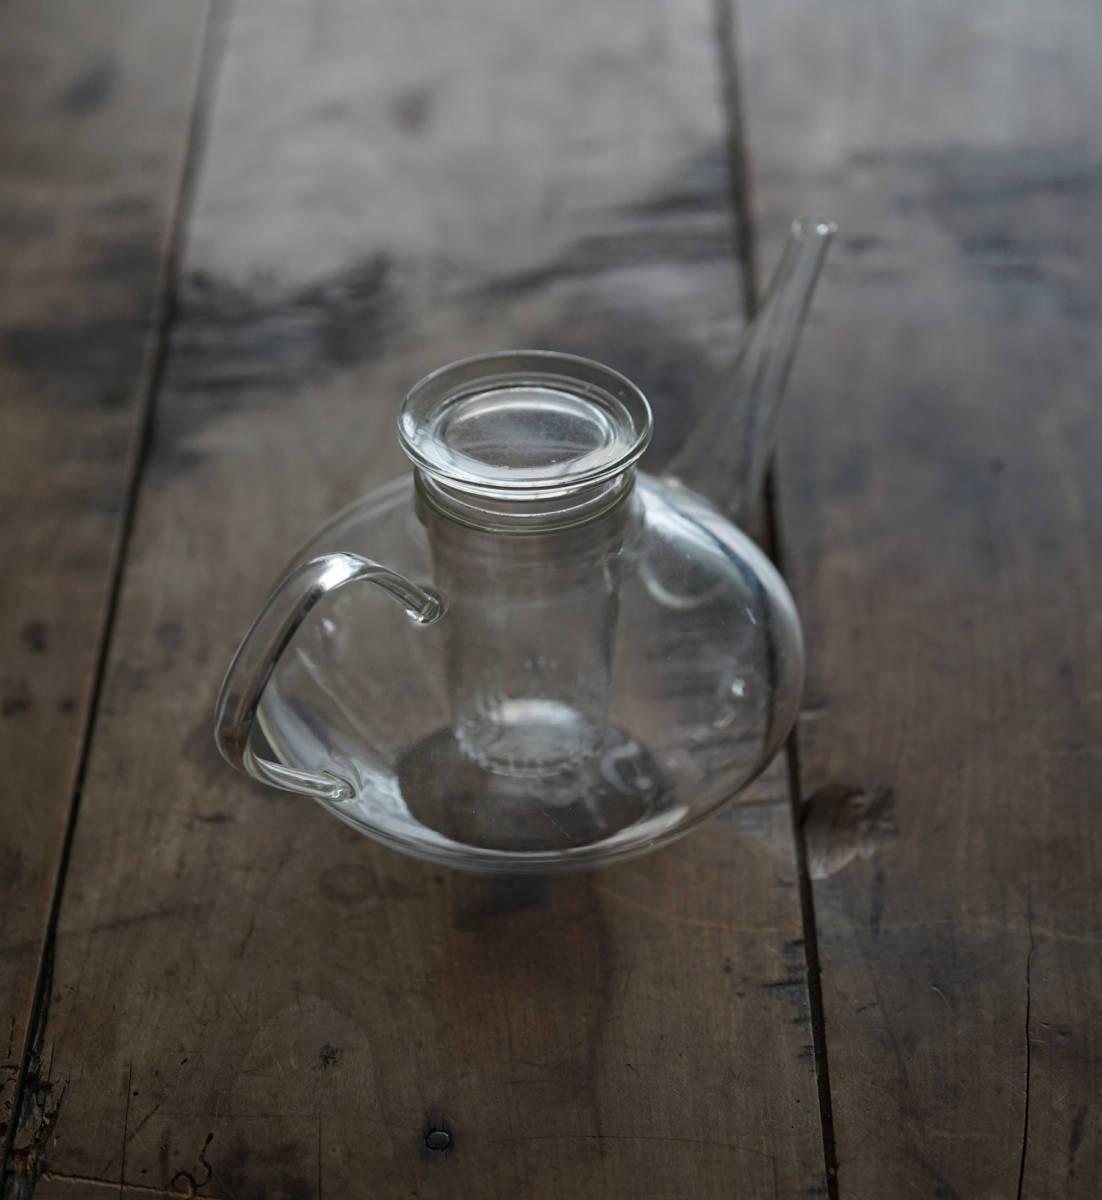 """イエナガラスのティーポット """"JENA GLAS"""" Tea Pot / 20th.C・Germany / アンティーク 古道具 硝子 ガラス バウハウス_画像6"""